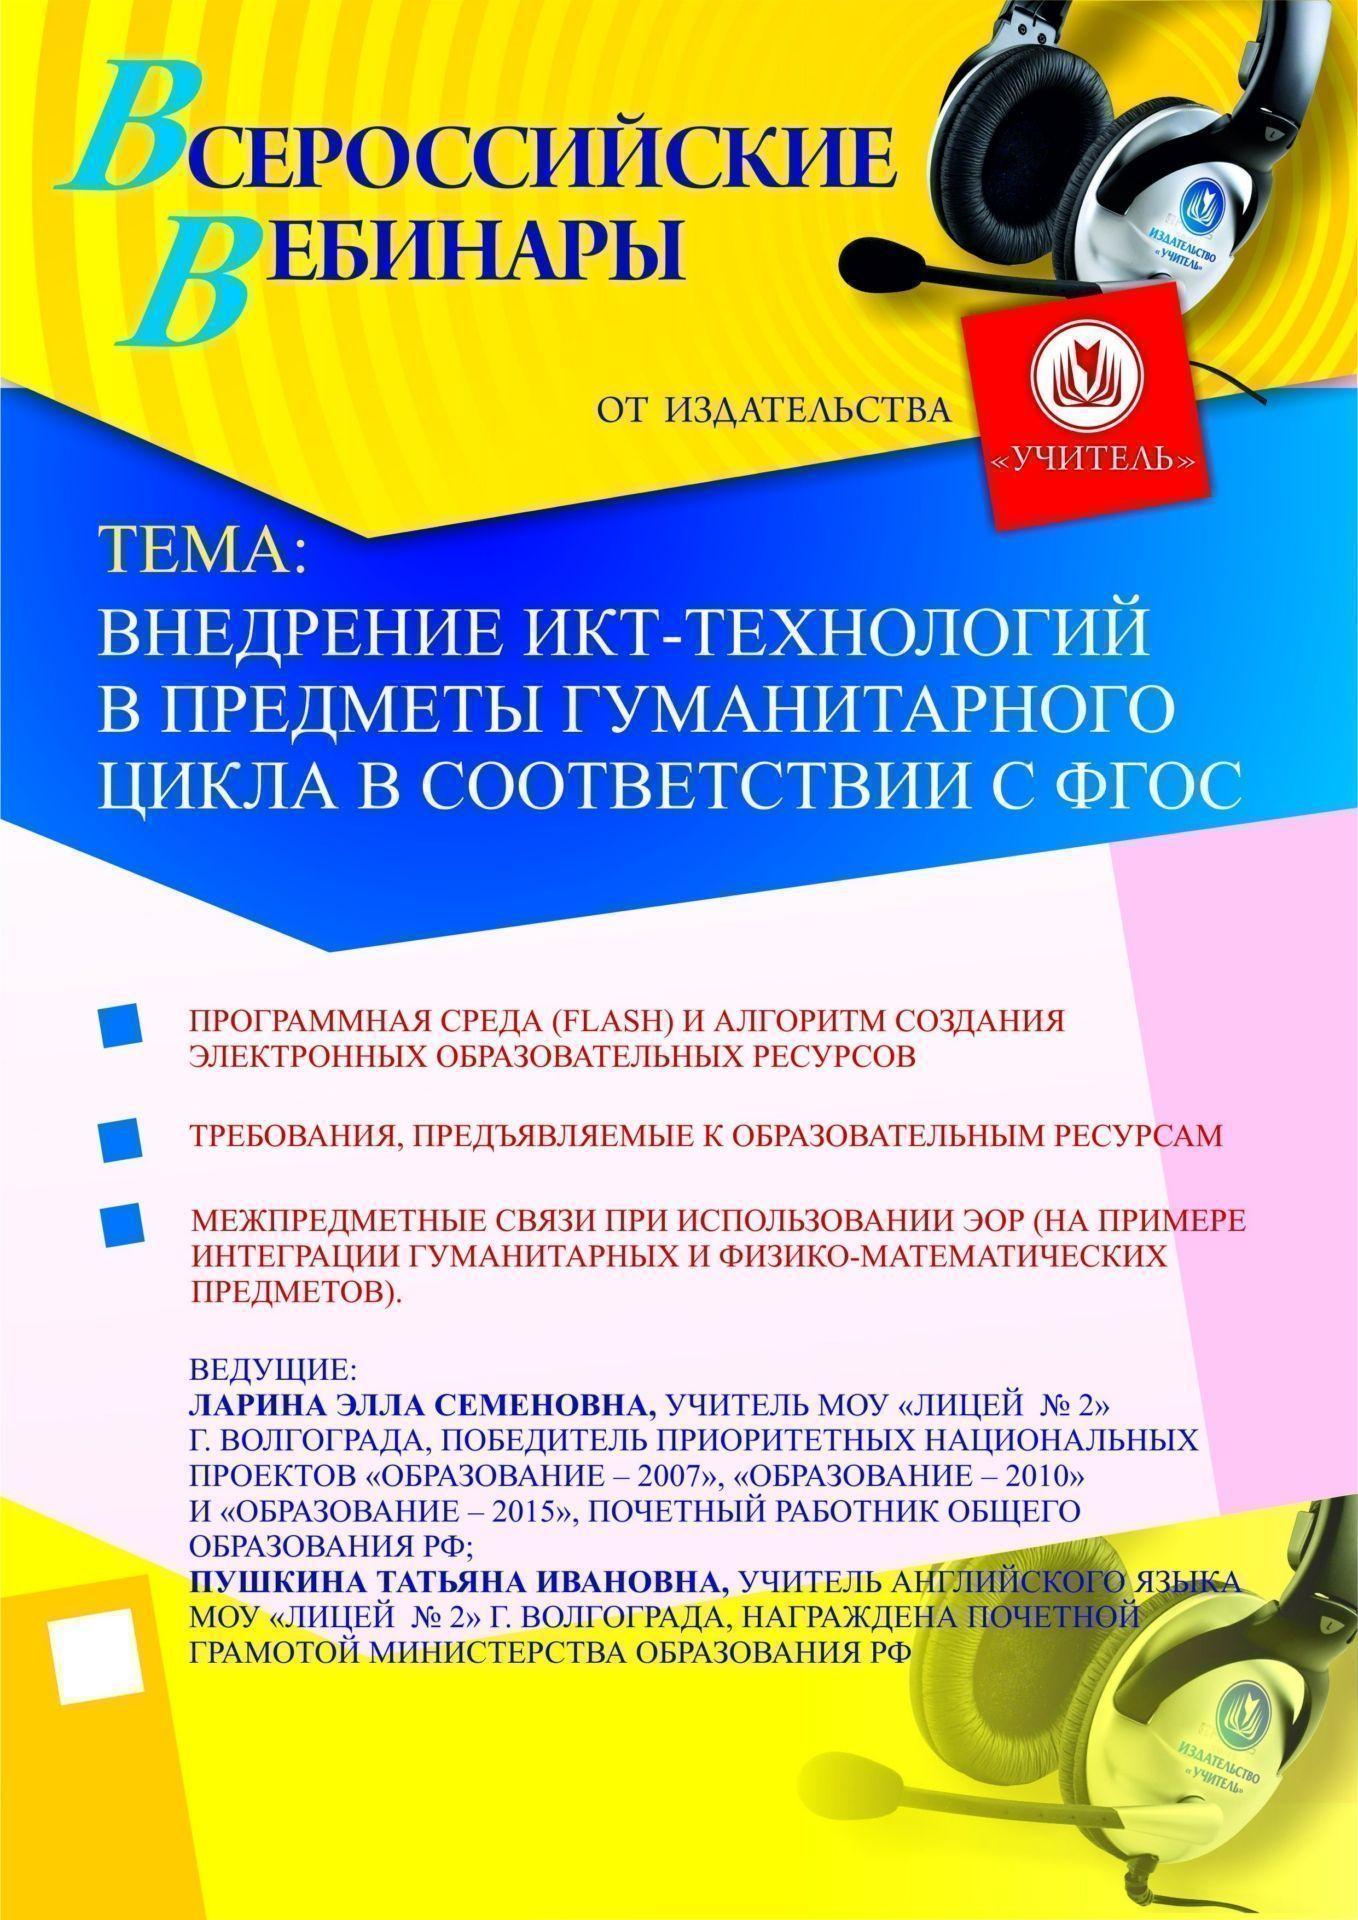 Внедрение ИКТ-технологий в предметы гуманитарного цикла в соответствии с ФГОС фото